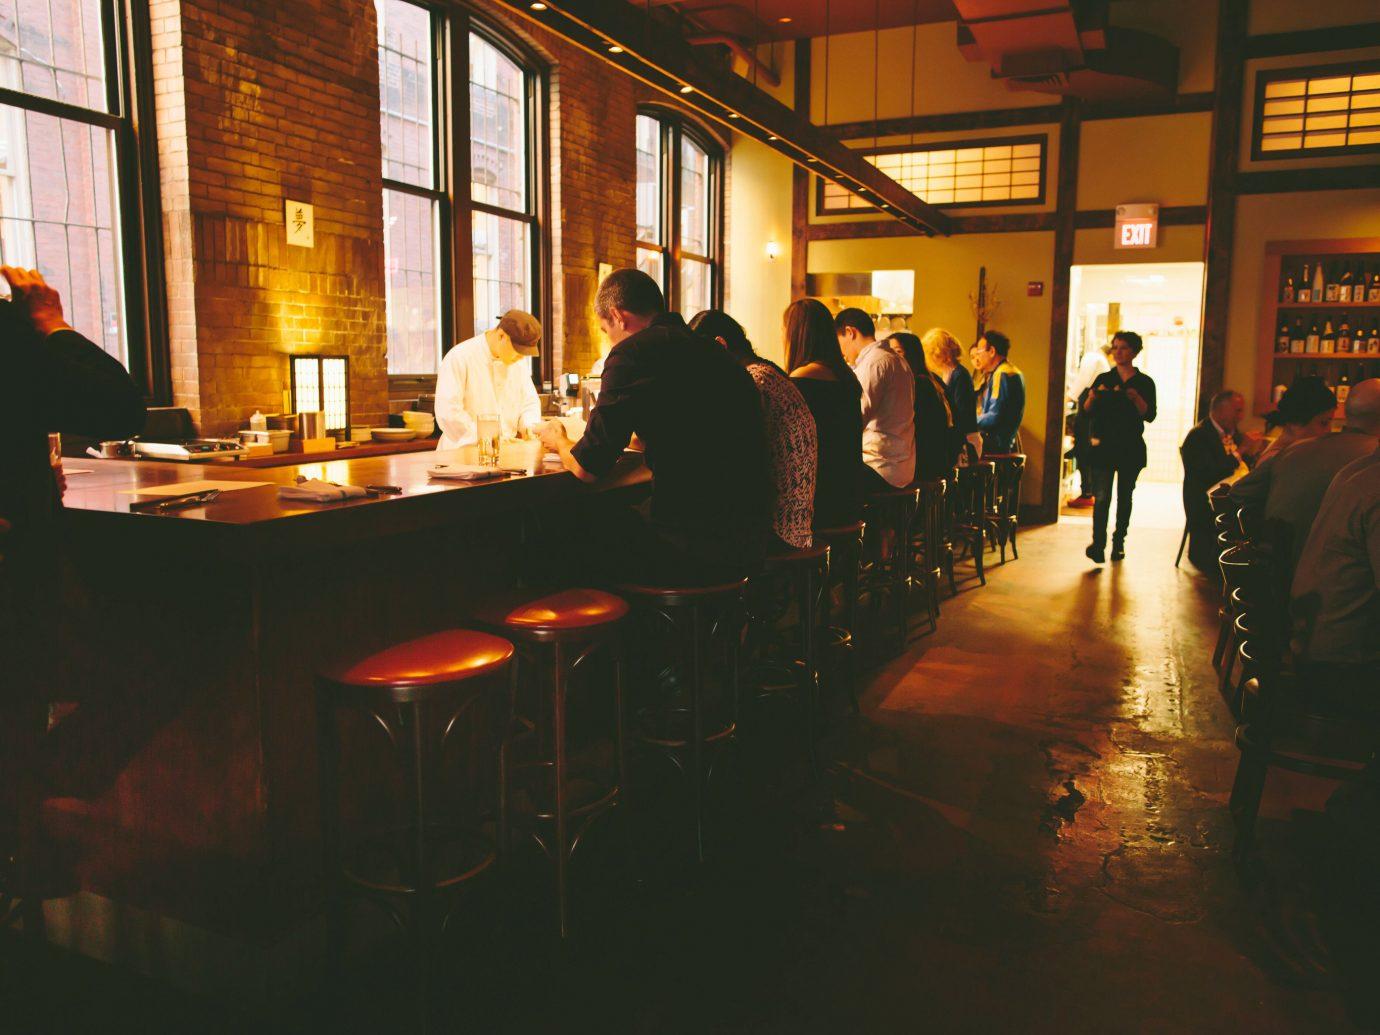 Food + Drink indoor floor person window restaurant night Bar darkness evening